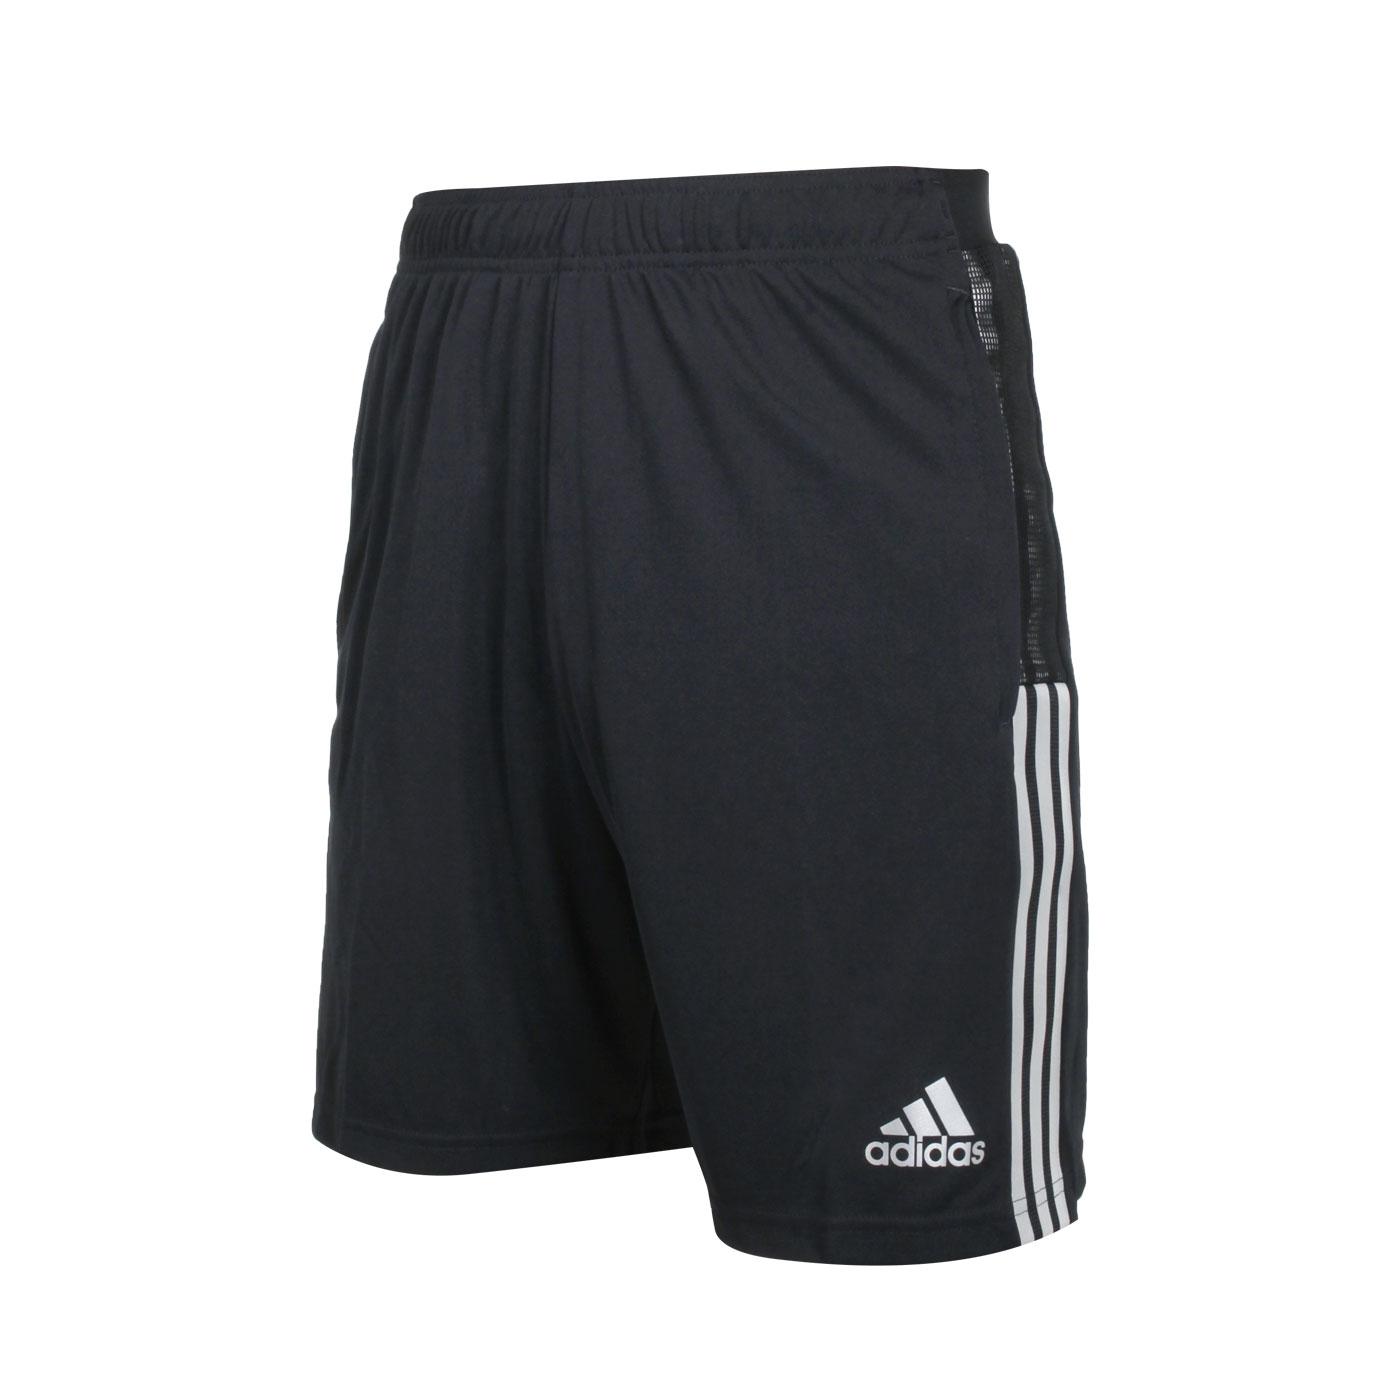 ADIDAS 男款運動短褲 GS4703 - 黑銀